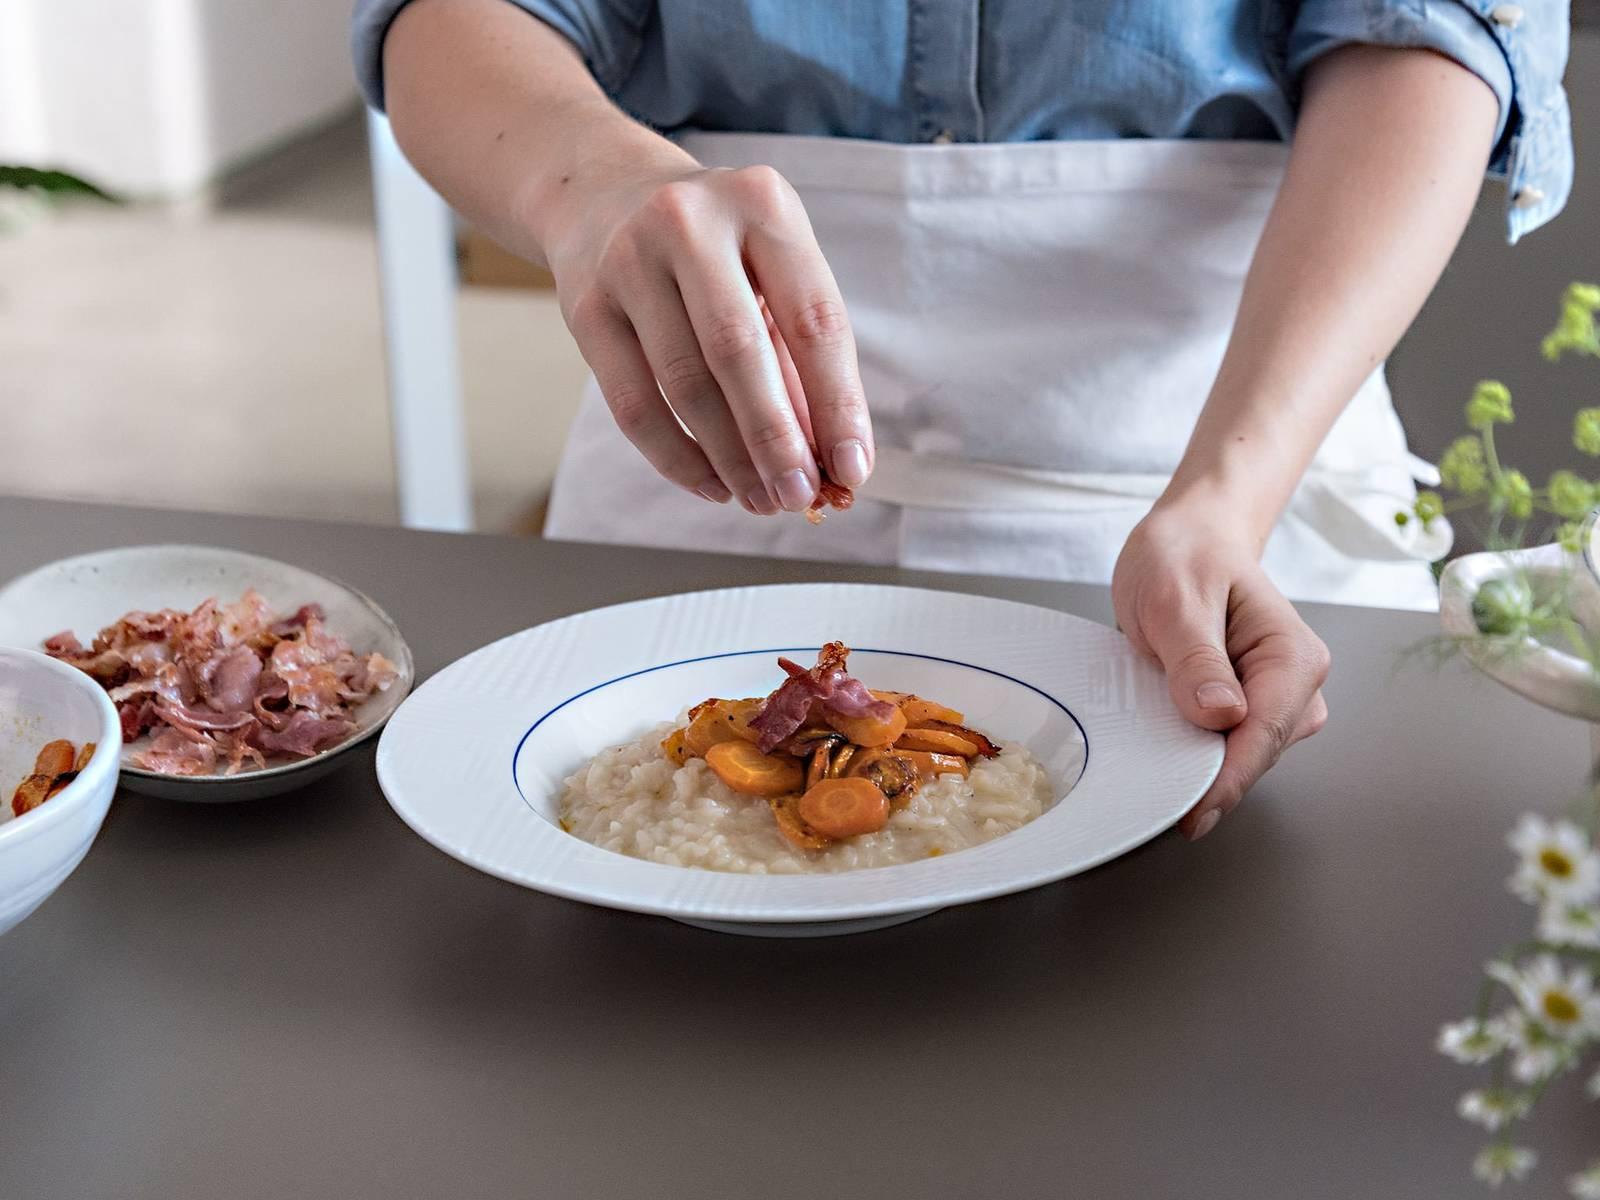 Parmesan reiben und zum Risotto geben. Restliche Butter unterrühren. Das Risotto mit Salz und Pfeffer abschmecken und mit karamellisierten Karotten und Speck anrichten. Guten Appetit!